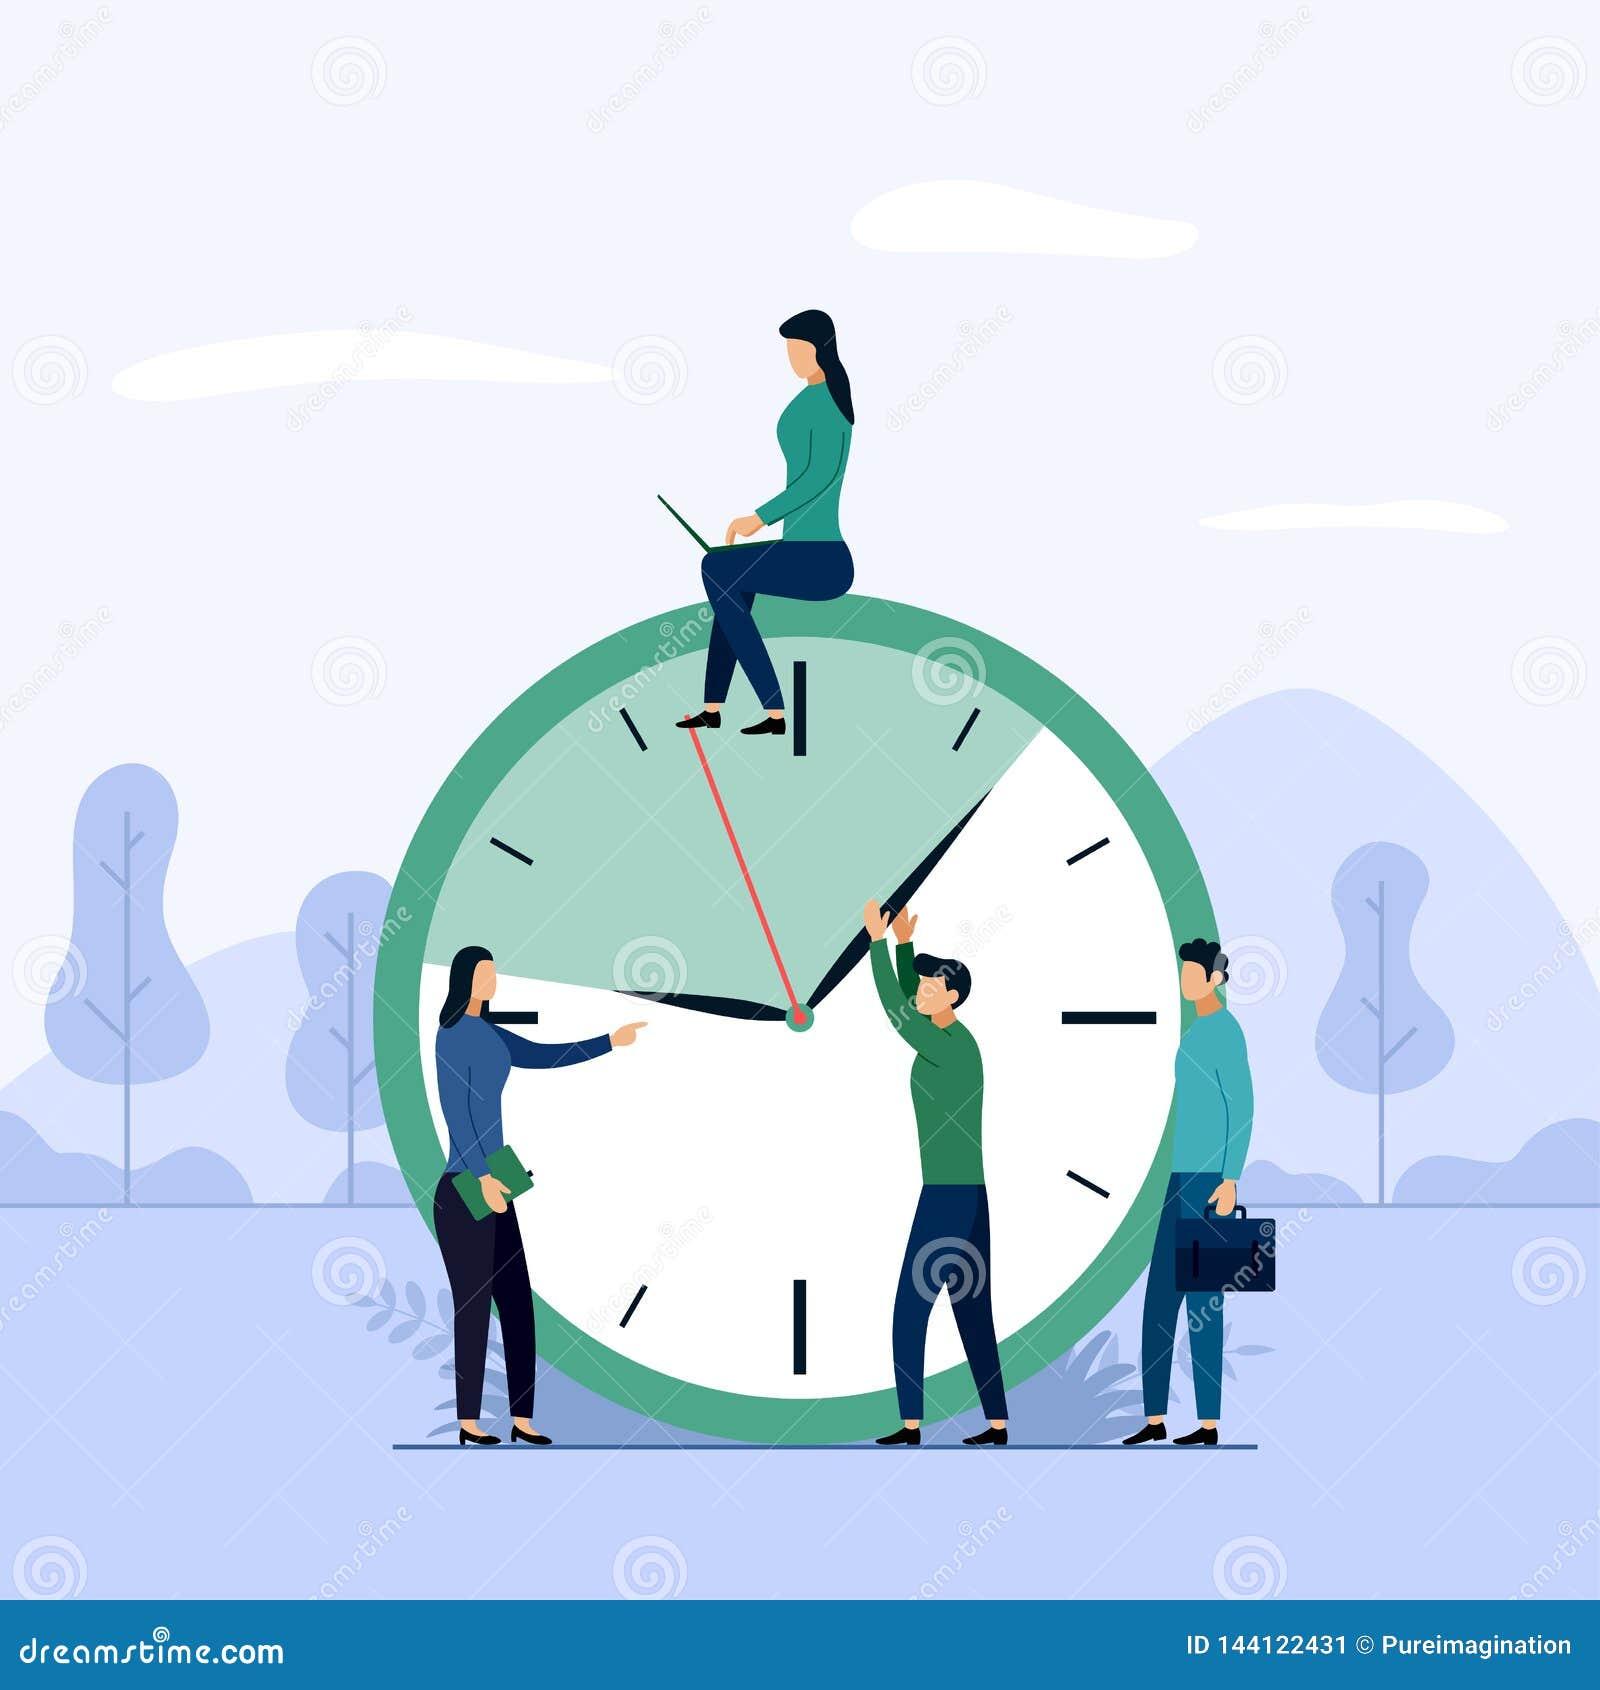 Zeitmanagement, Zeitplankonzept oder Planer, Geschäftskonzept-Vektorillustration